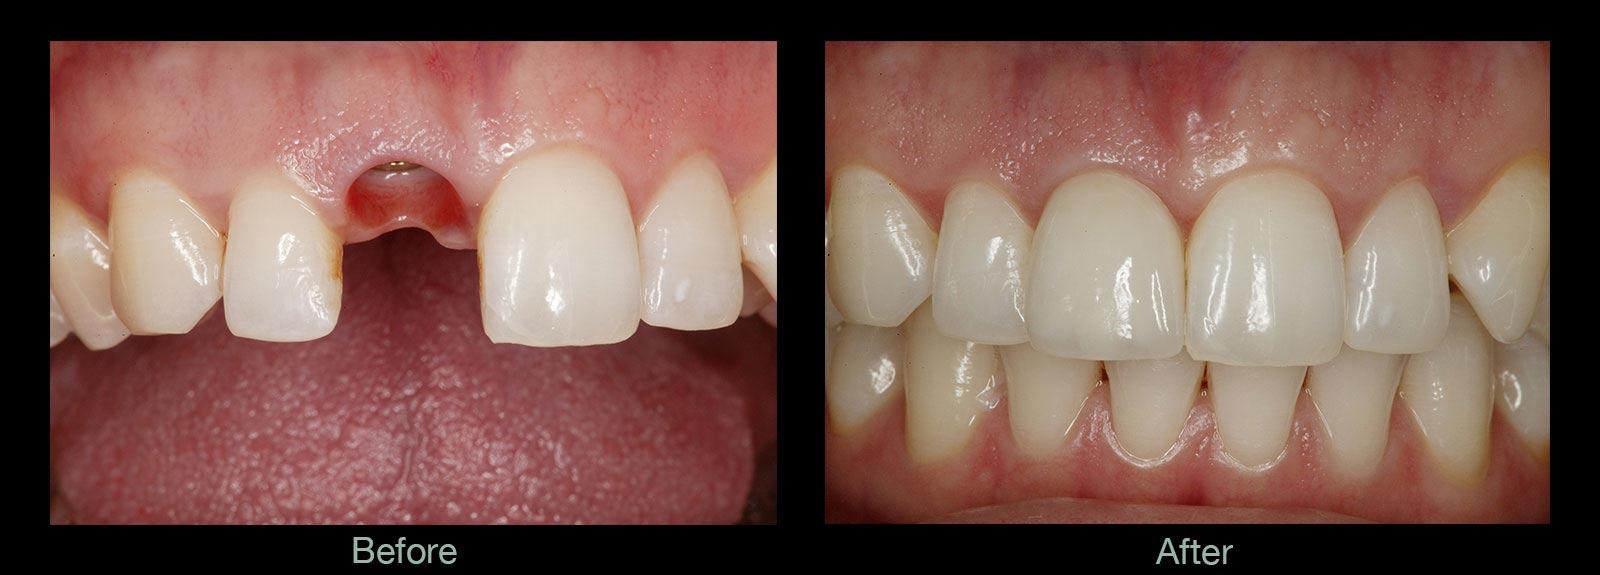 成都儿童牙齿矫正的费用?成都春天牙科的医生表示,对于儿童做牙齿矫正的价格来说,因为受到个人牙齿畸形程度,难易度,选择不同的矫正方式以及选择不同的矫正医院的影响,儿童做牙齿矫正的价格也是不固定的,具体可通过以下进行详细了解。 一、儿童做矫正的费用是多少呢? 1、与矫正难度高低有关:在牙齿矫正的过程中,矫正难度较大的患者在治疗的时间和所花的精力也相对较多,所以费用也相对较高。 2、与矫正方法和矫正器有关:患者的牙齿情况不同医生也会选择不同类型的矫正器和矫正方法,每种矫正器的价格、效果、性能等方面都会存在差异。